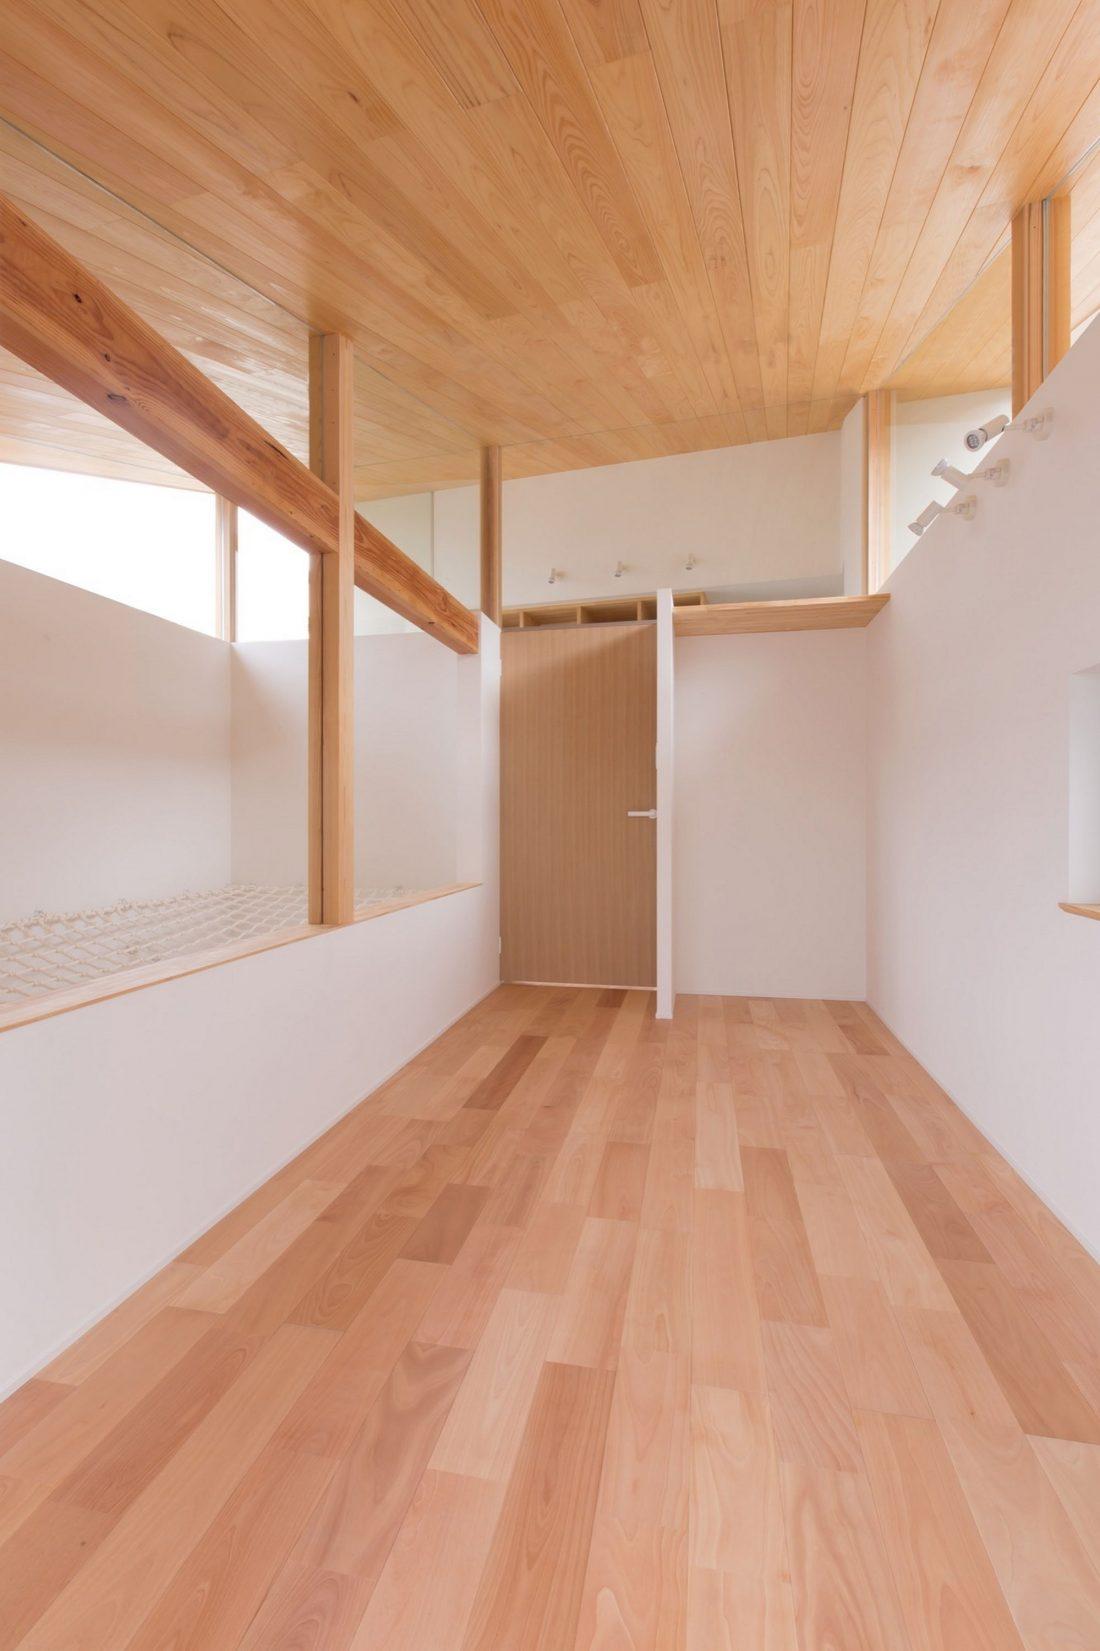 dom-v-stile-yaponskogo-minimalizma-v-kioto-proekt-alts-design-office-10